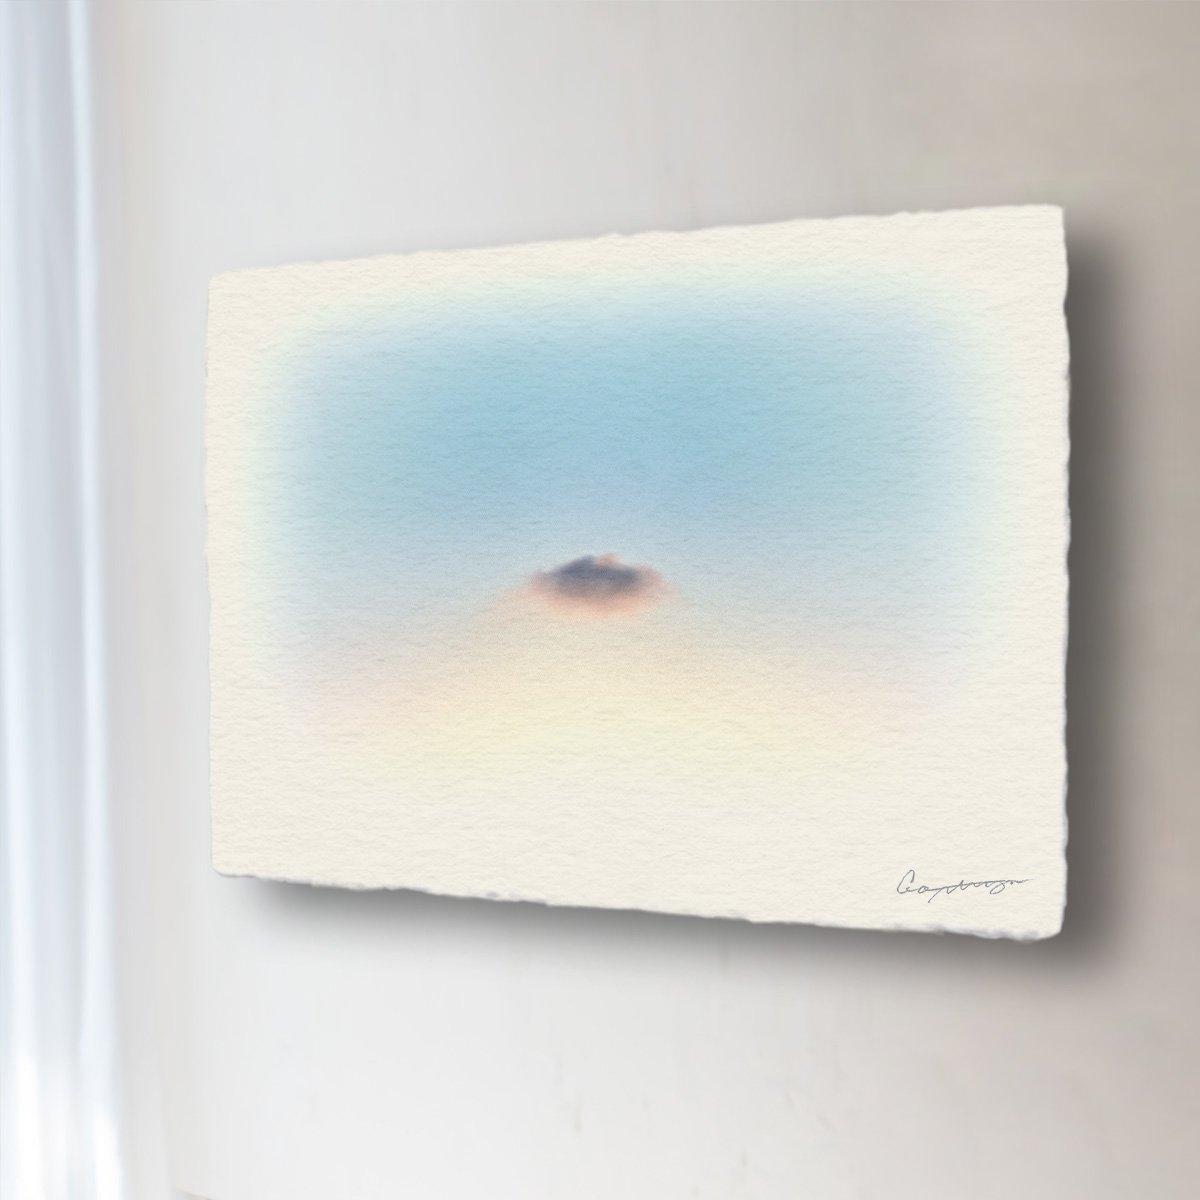 和紙 アートパネル 「夕暮れのはぐれ雲」 (72x54cm) 絵 絵画 壁掛け 壁飾り インテリア アート B074XQMJSF 17.アートパネル(長辺81cm) 88000円|夕暮れのはぐれ雲 夕暮れのはぐれ雲 17.アートパネル(長辺81cm) 88000円